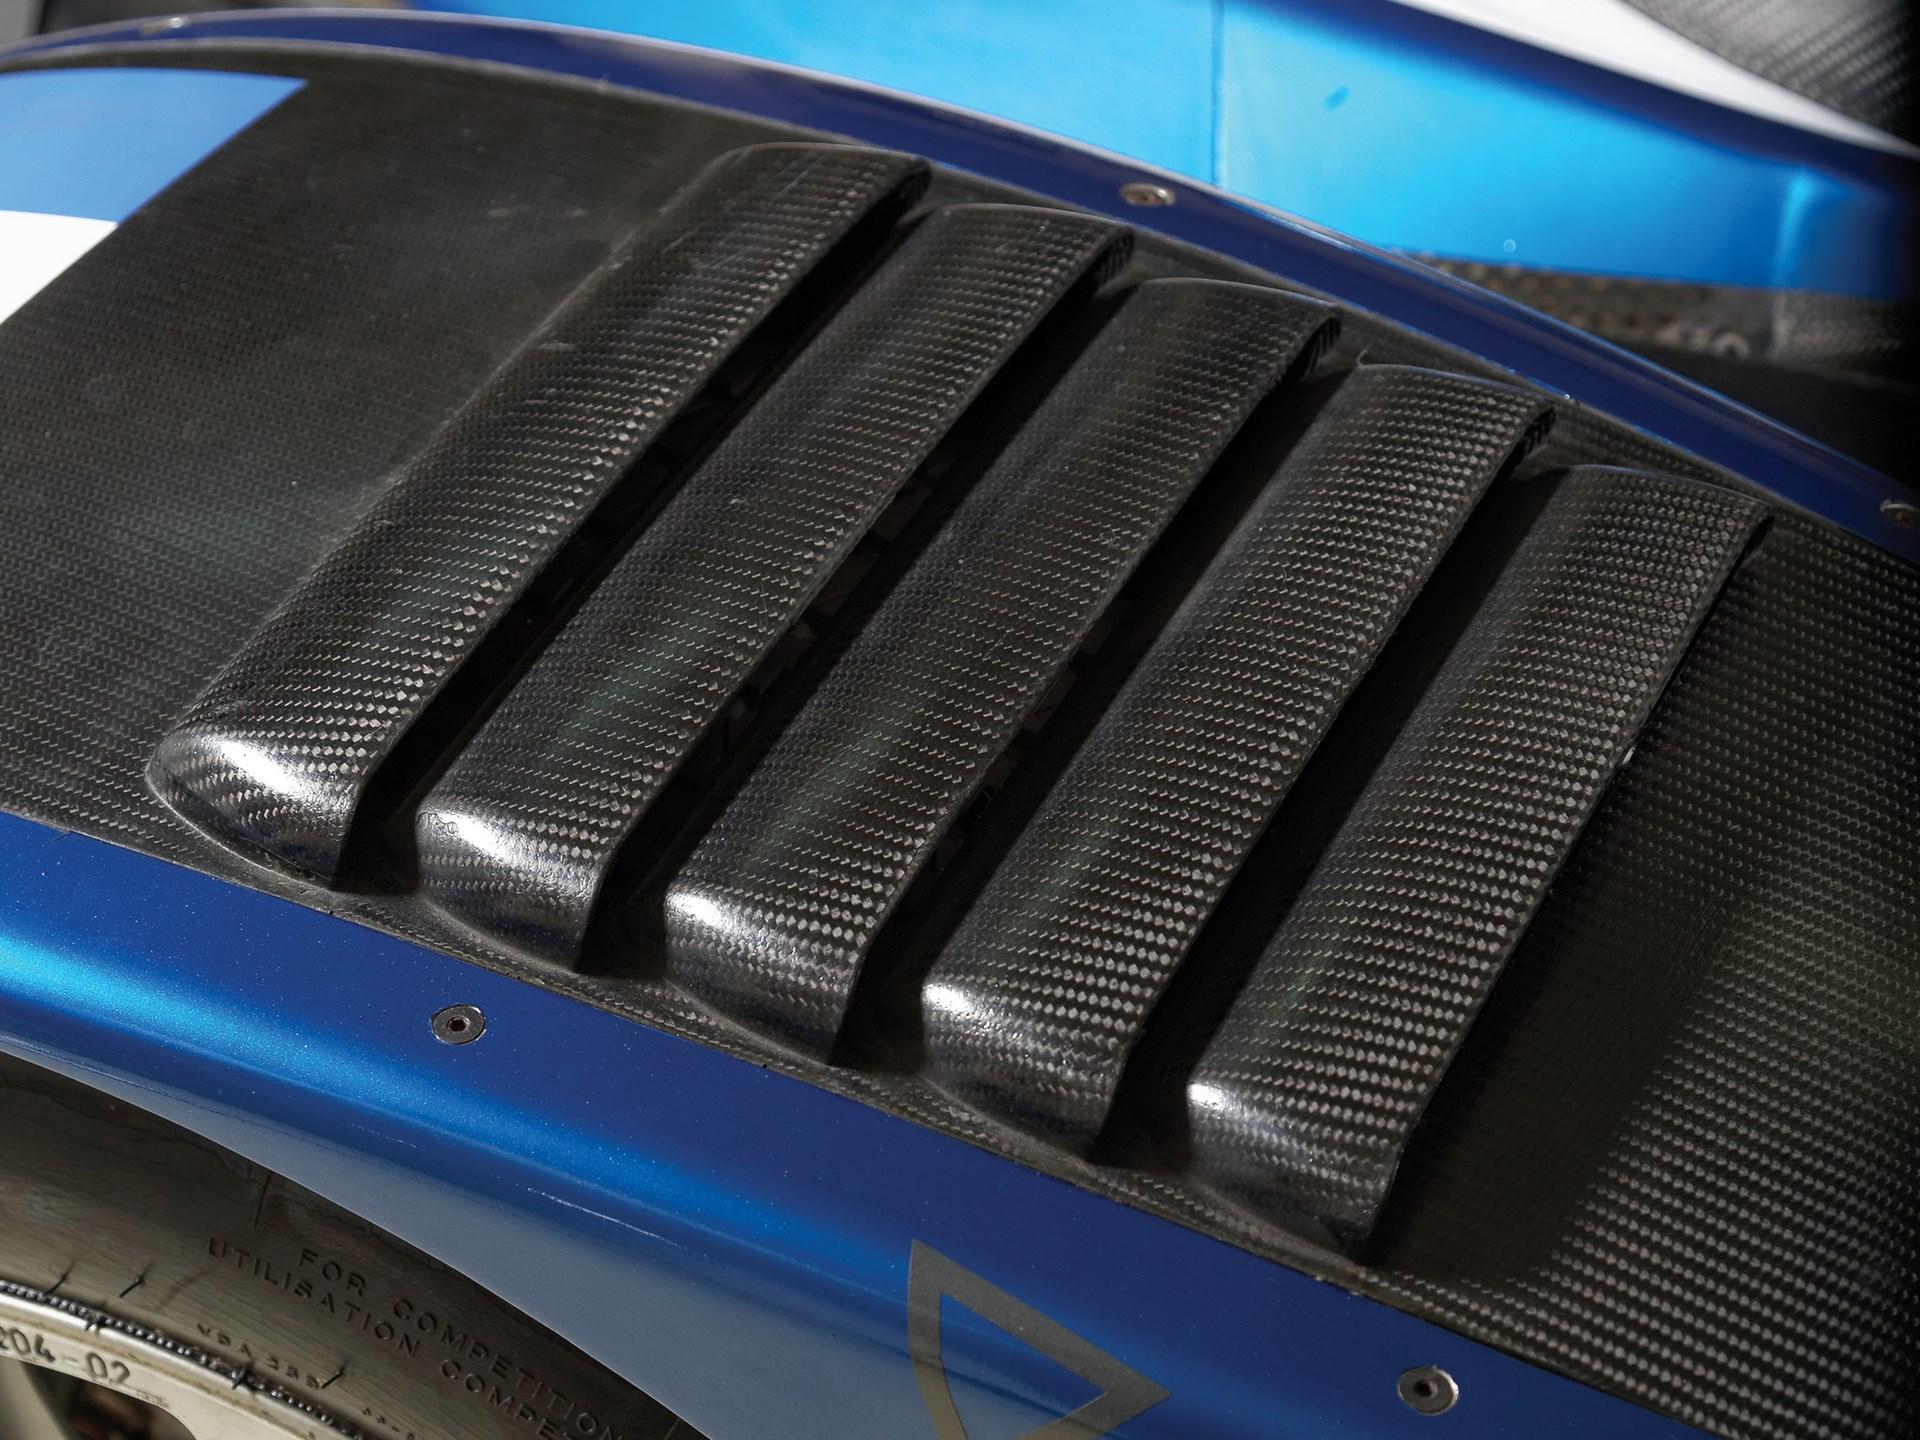 2008 Peugeot 908 HDi FAP Le Mans Prototype